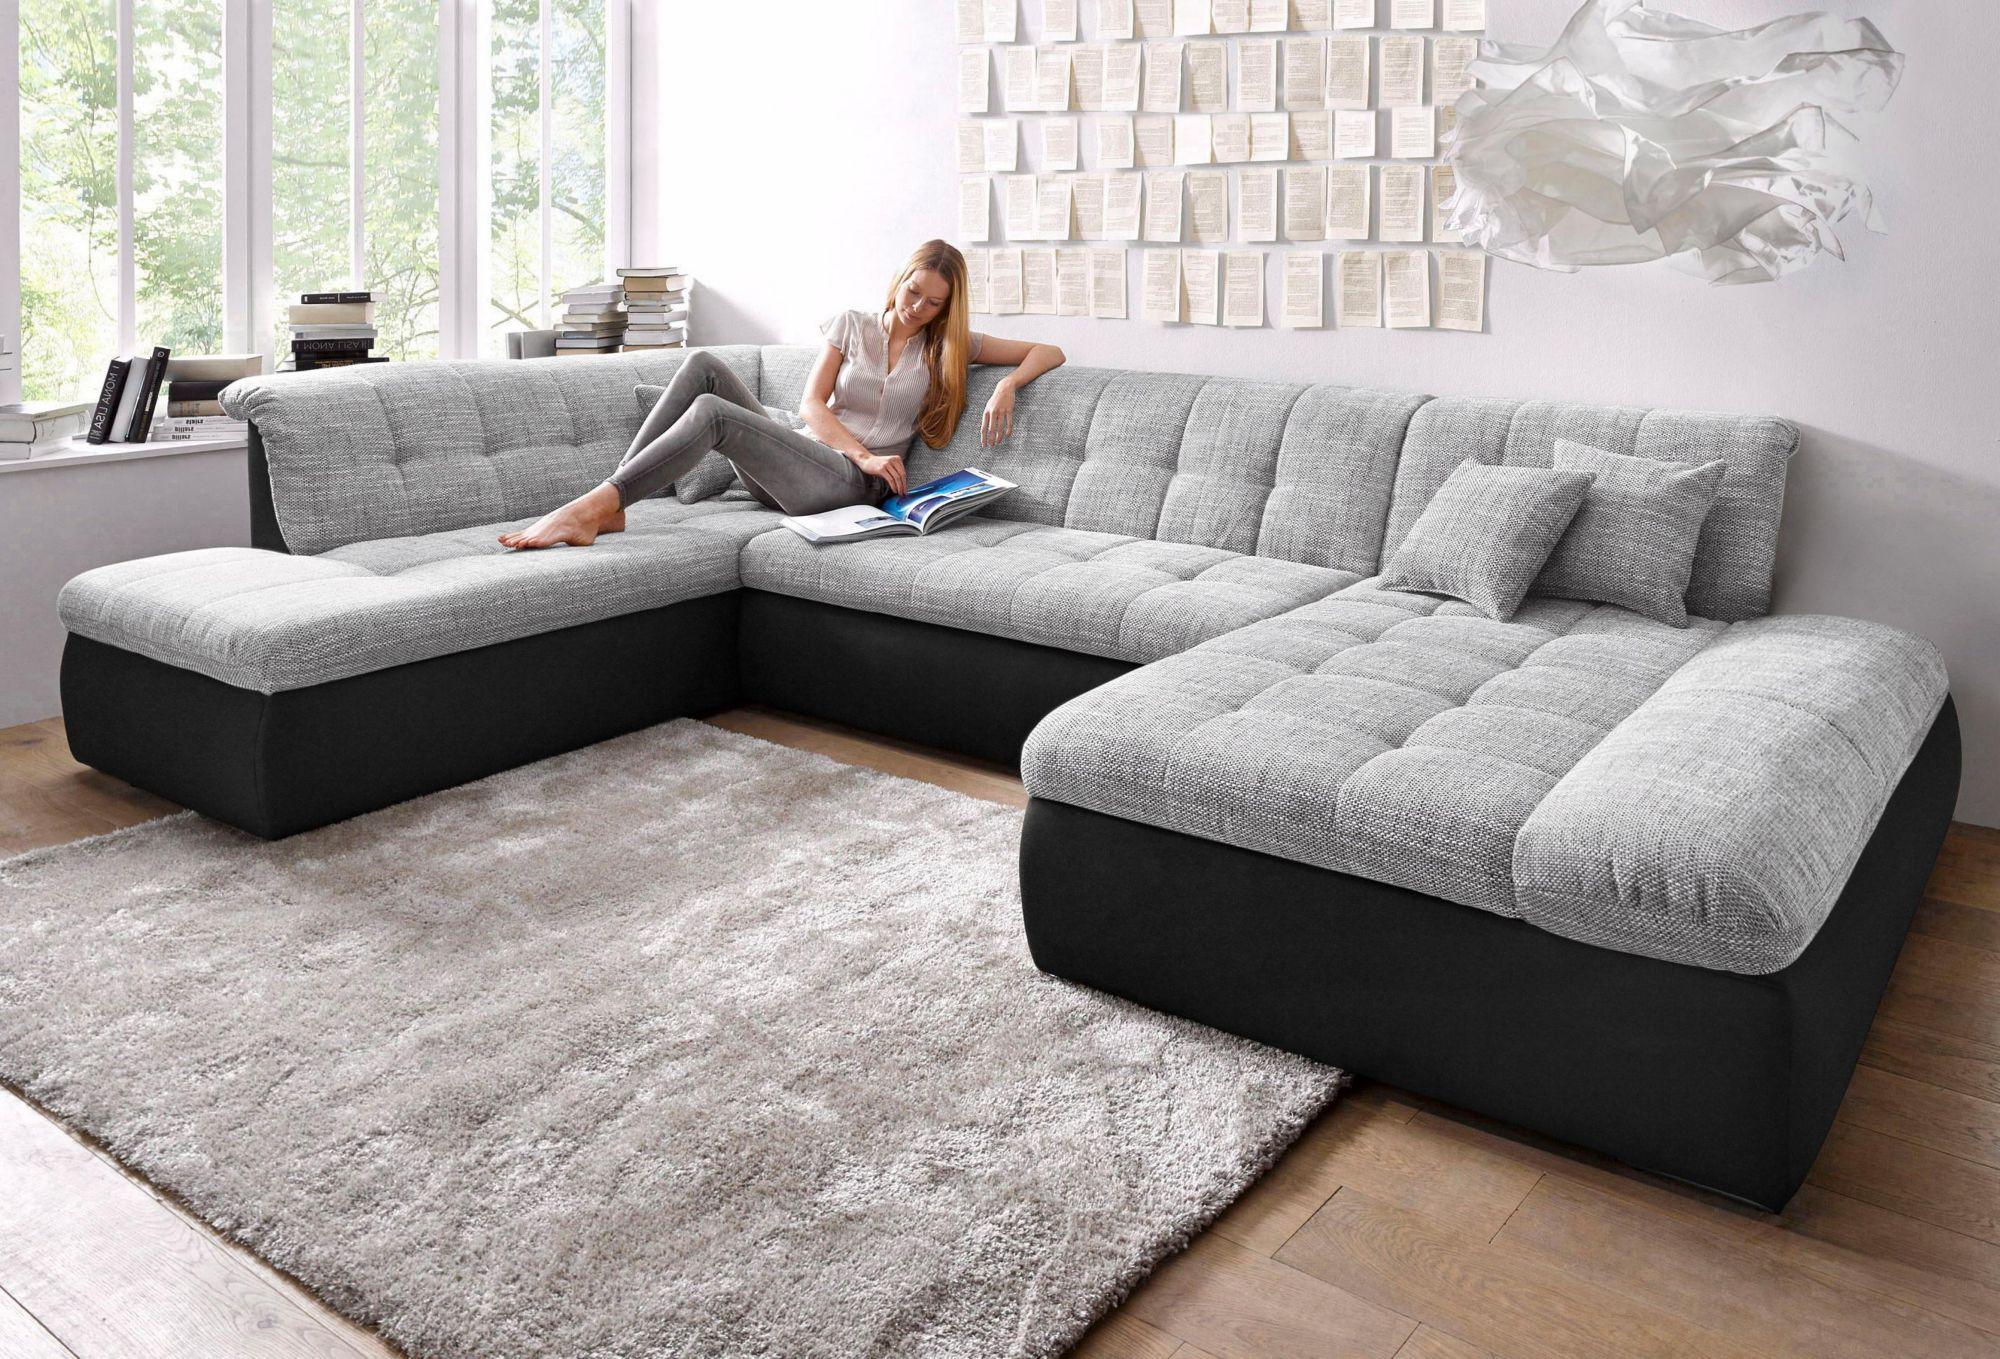 wohnlandschaft billig my blog. Black Bedroom Furniture Sets. Home Design Ideas